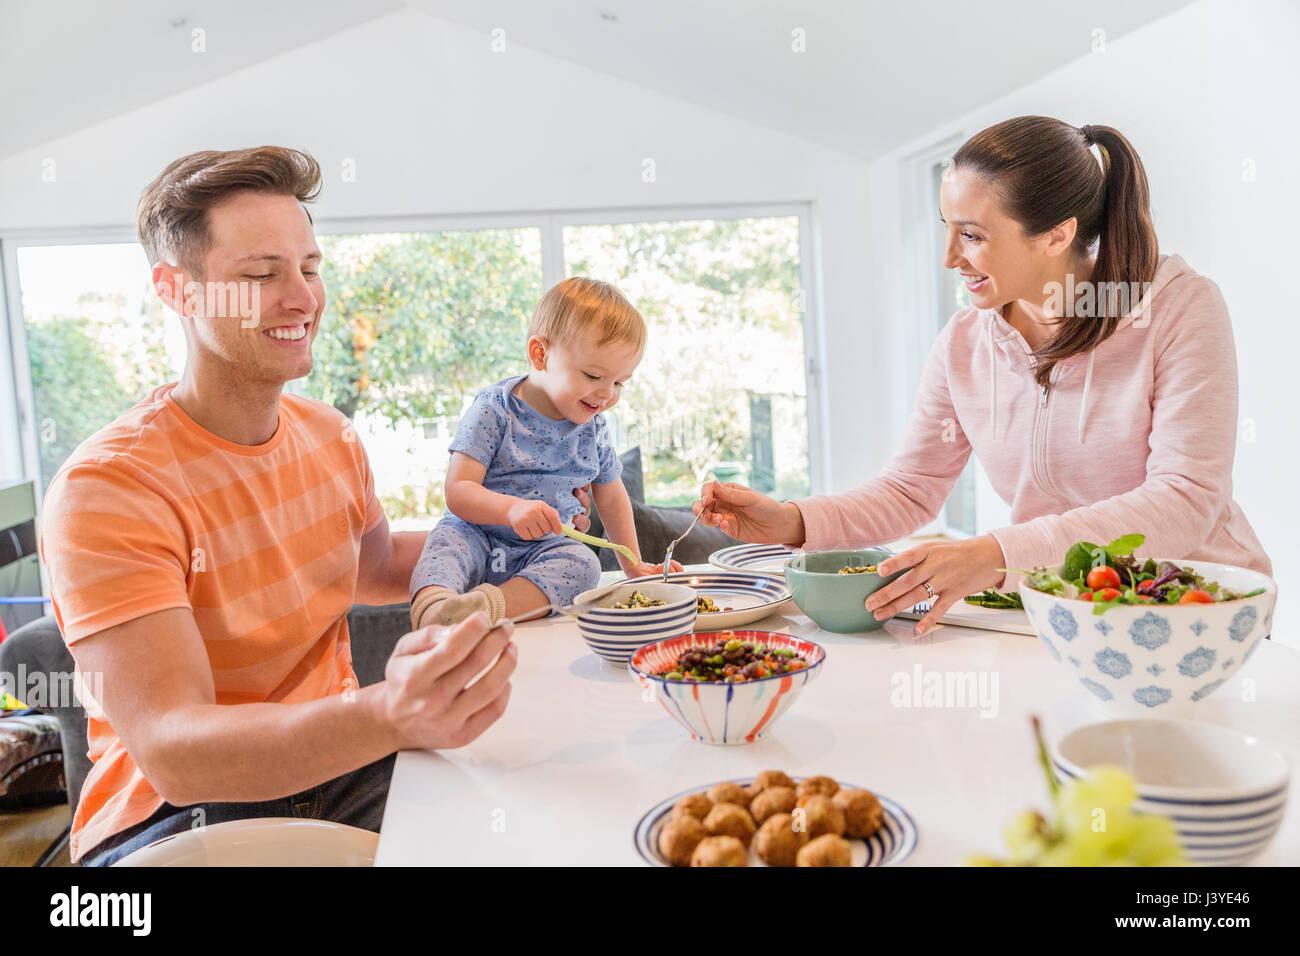 Joven Familia desayunando en la cocina en el hogar Imagen De Stock